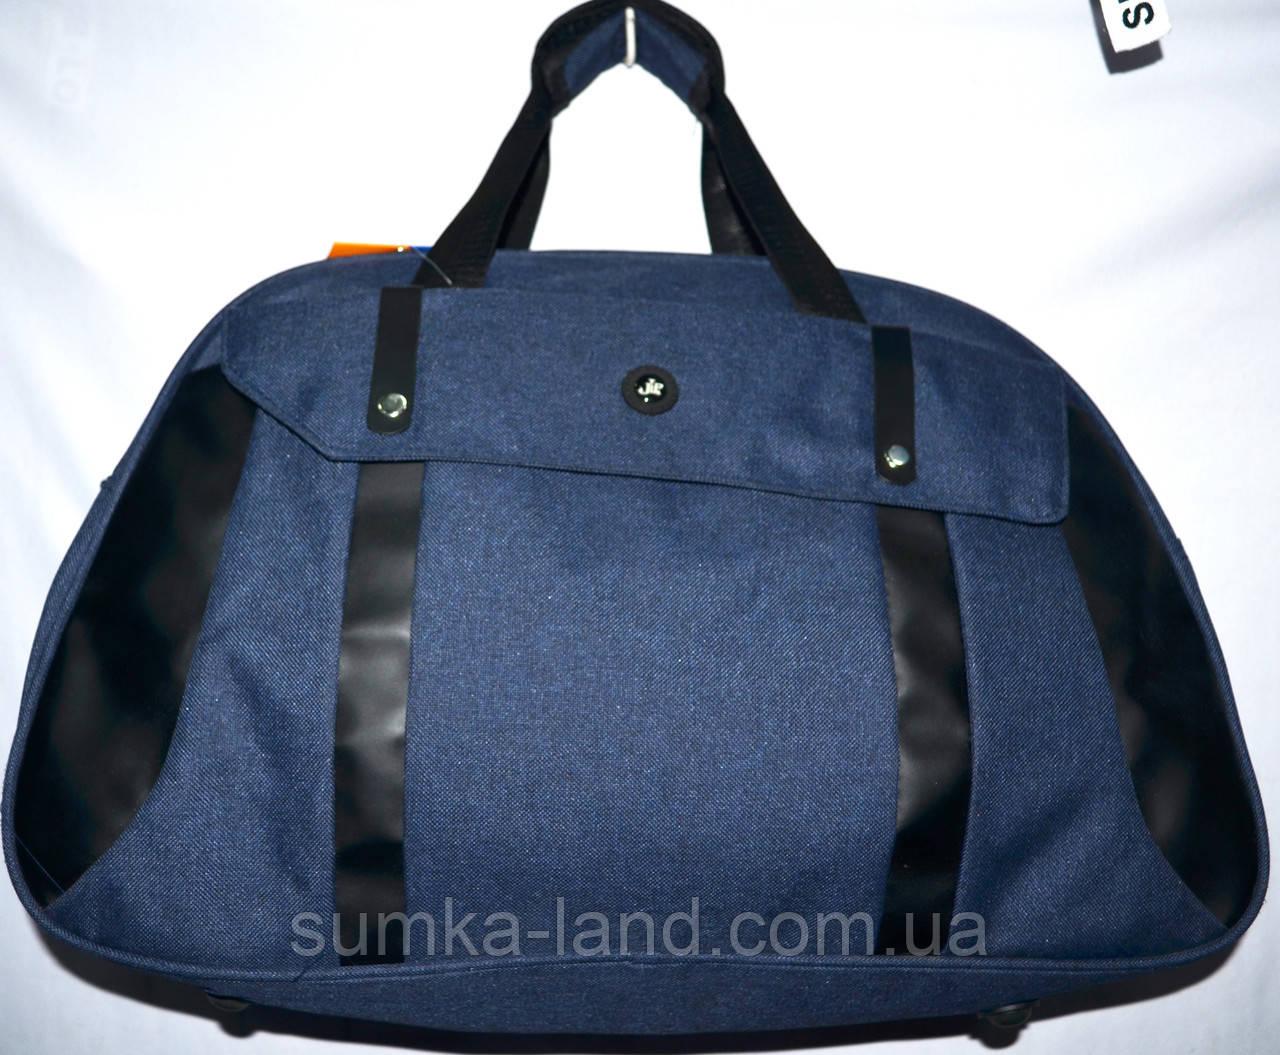 Женская дорожная сумка из текстиля 52*34 (синий)